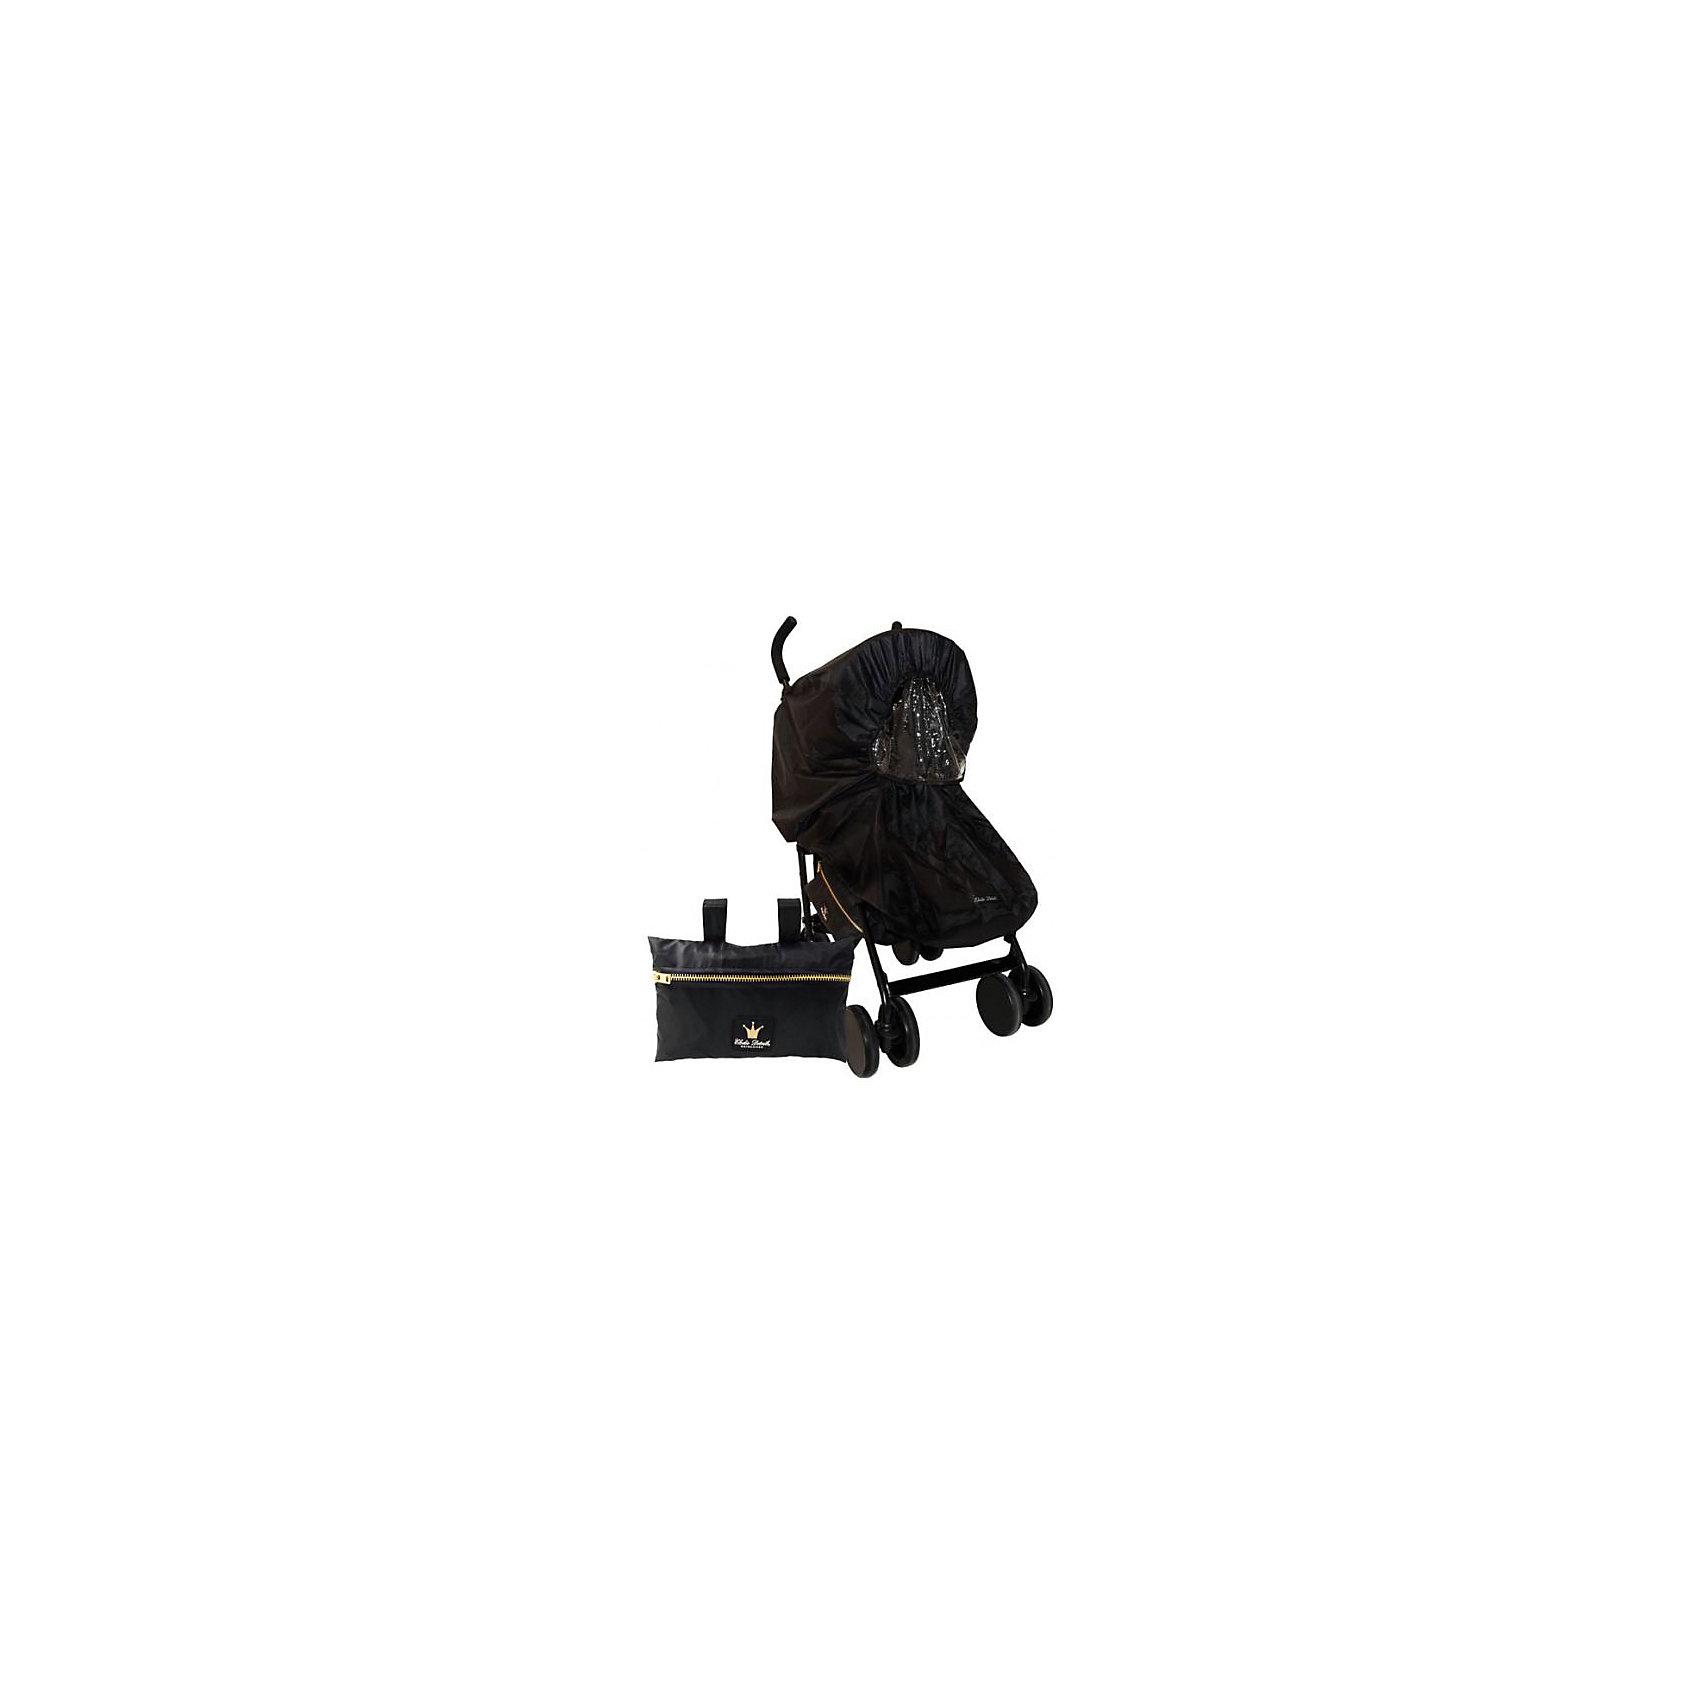 Дождевик для коляски цвет Black Edition, ELODIE DETAILSСтильный дождевик Elodie Details выпускается в соответствии с дизайном колясок, но при этом является совершенно самостоятельным аксессуаром, который подходит ко всем коляскам - как коляскам с люльками, так и для всех типов прогулочных. Не только обеспечивает надежную защиту от дождя, но и выглядят очень эффектно. Поставляется в комплекте со специальной сумочкой с фирменным знаком в виде короны, которую можно крепить к коляске.<br>Эффектный дождевик Black Edition отличает элегантный  черный цвет с отделкой золотыми деталями - золотая молния, кнопки и фирменный знак короны на сумочке. <br><br>Дополнительная информация:<br><br>- полностью универсален и подходит ко всем видам спальных и прогулочных колясок <br>- подходит к коляскам как с одной, так и с двумя ручками <br>- полностью непромокаемый <br>- легко надевается на коляски, благодаря эластичным краям <br>- для прогулочных колясок продуман таким образом, что натягивается на подножку, но при этом оставляет достаточно места для зимнего конверта или муфты <br>- окошко на 4-х кнопках - хорошо защищает от дождя, но при этом не затрудняет приток свежего воздуха, его легко снять или убрать под козырек <br>- молния в передней части удобно расстегивается, поэтому доступ к ребенку не затруднен <br>- сзади дождевик регулируется с помощью липучек <br>- очень качественная ткань и детали <br>- в комплекте стильная сумочка, которая крепится к коляске с помощью липучек, чтобы дождевик всегда был у вас под рукой!    <br><br>Дождевик для коляски цвет Black Edition, ELODIE DETAILS можно купить в нашем магазине.<br><br>Ширина мм: 260<br>Глубина мм: 210<br>Высота мм: 60<br>Вес г: 205<br>Возраст от месяцев: -2147483648<br>Возраст до месяцев: 2147483647<br>Пол: Унисекс<br>Возраст: Детский<br>SKU: 4384096